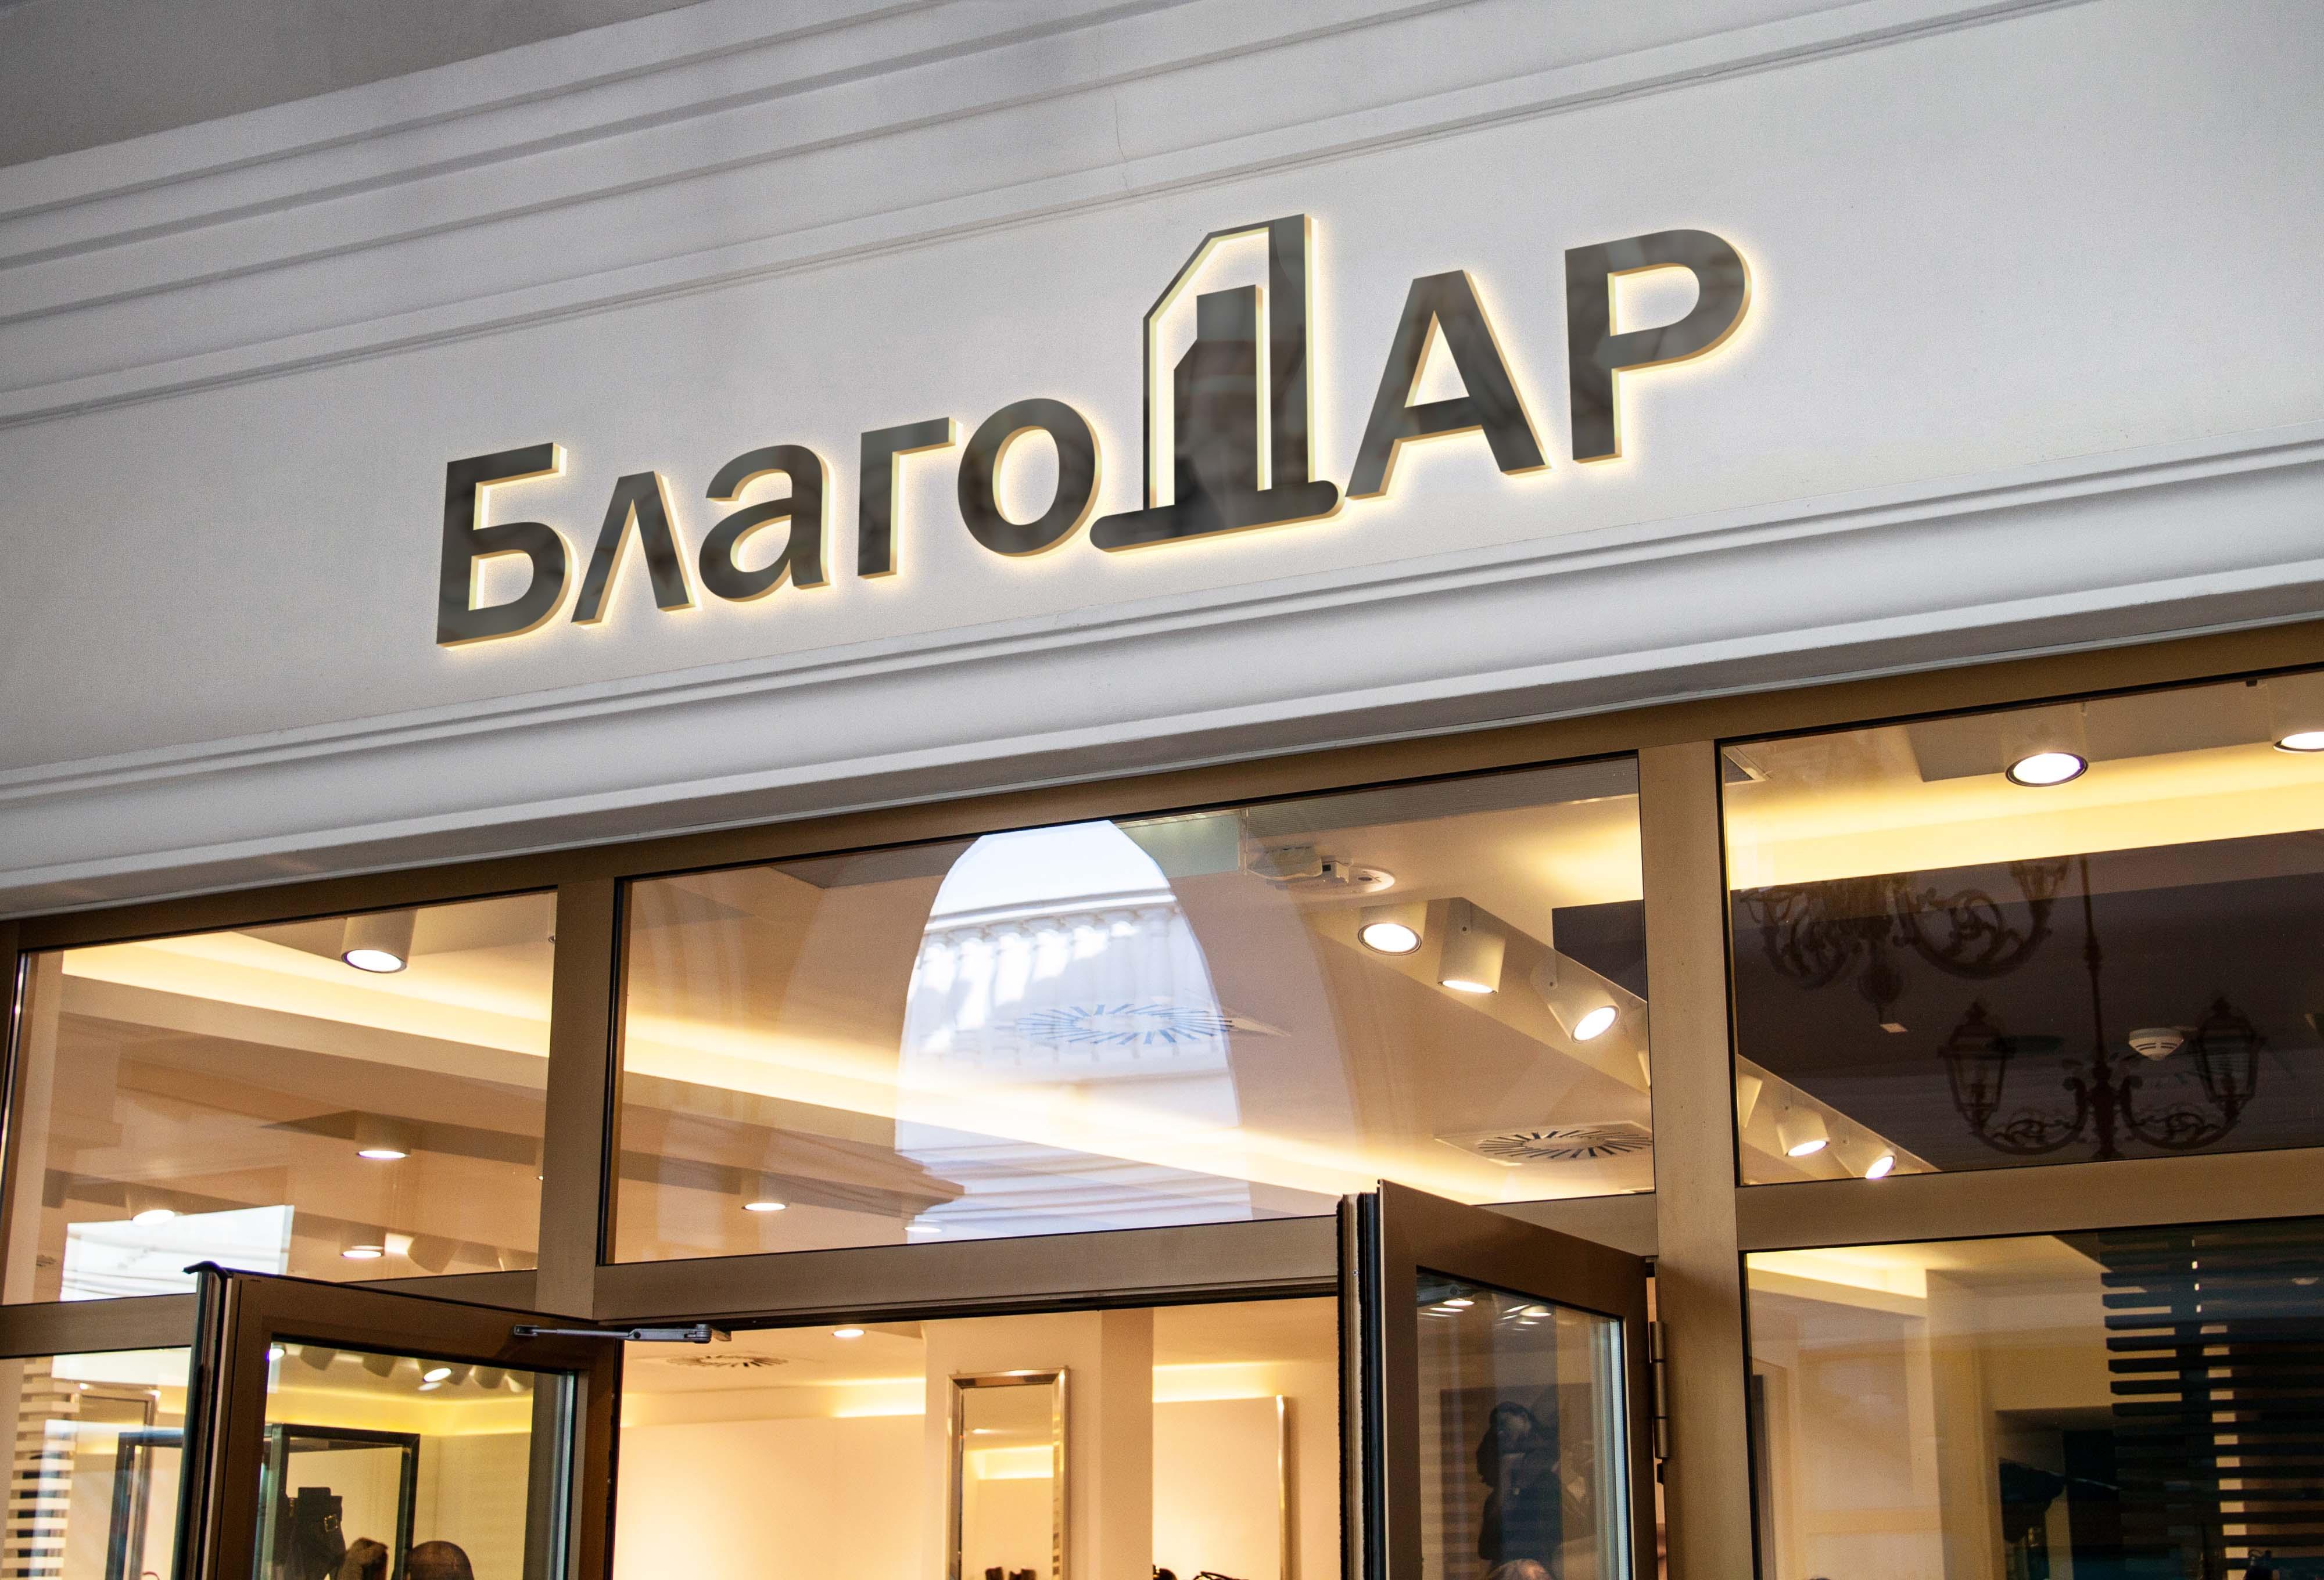 Разработка логотипа и фирменный стиль фото f_382596e5ebdb94d7.jpg